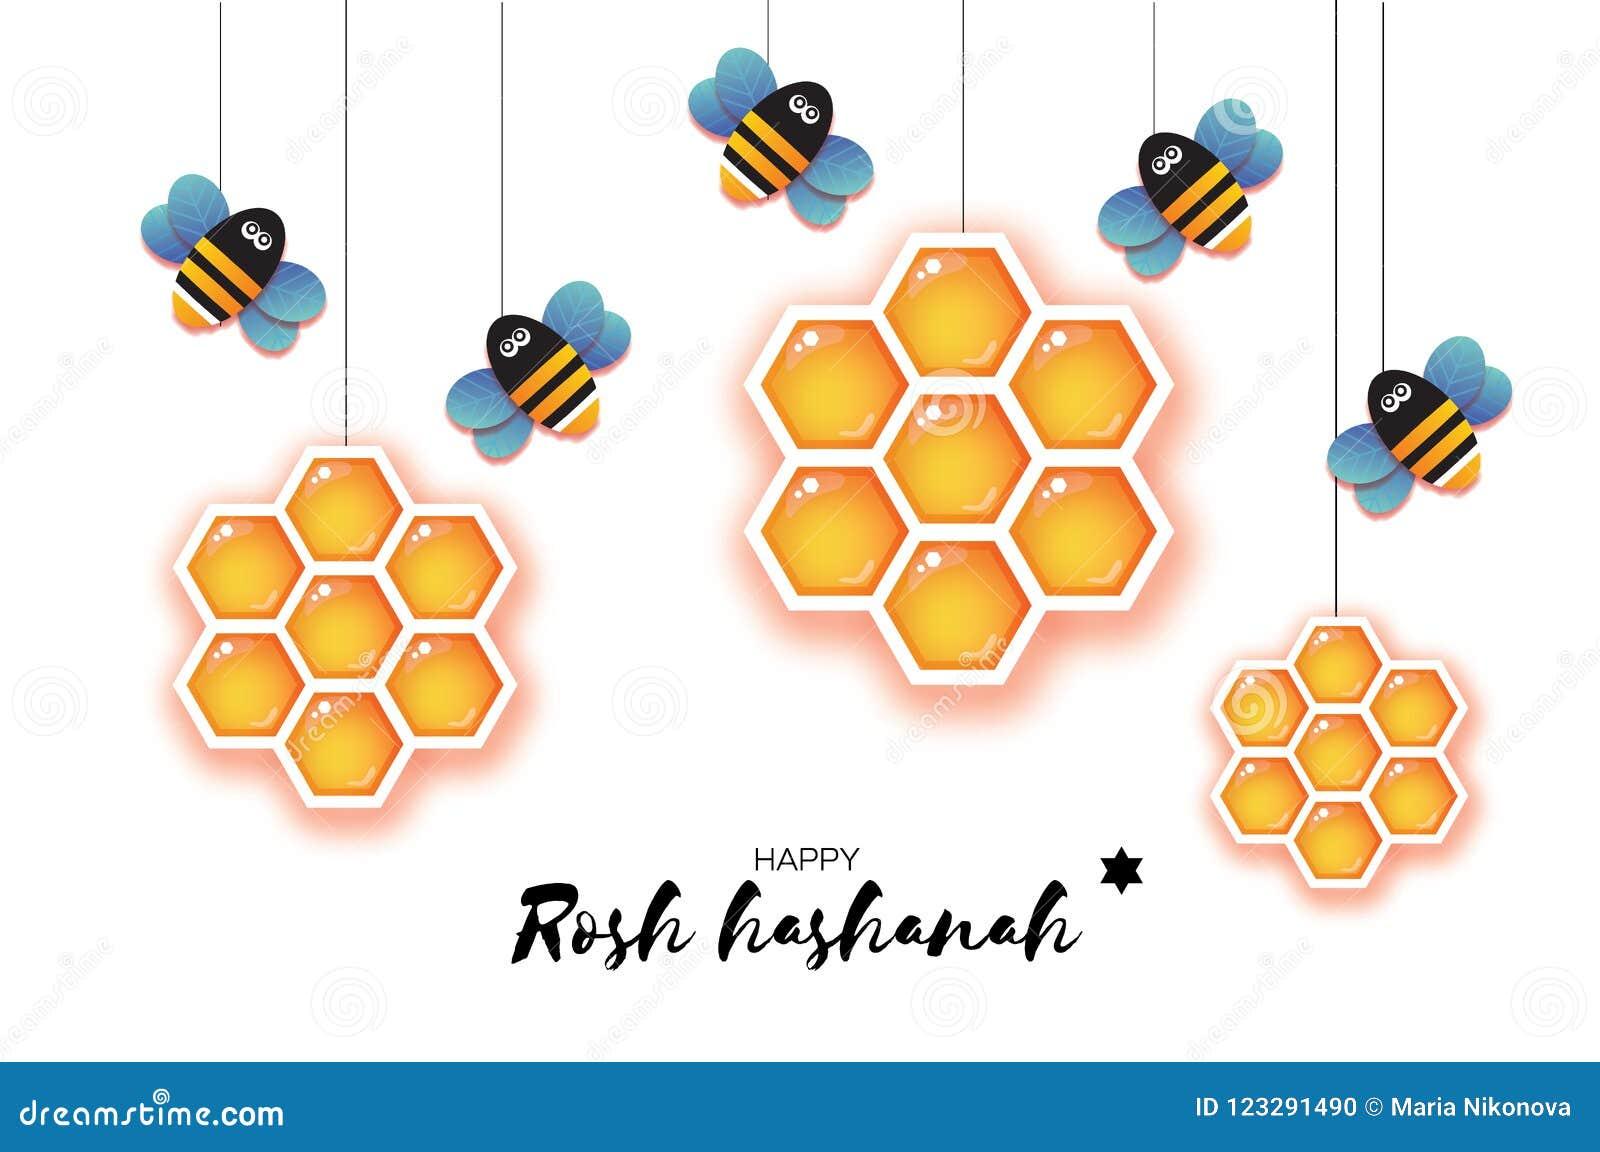 Jewish New Year Rosh Hashanah Greeting Card Origami Hexagon Honey